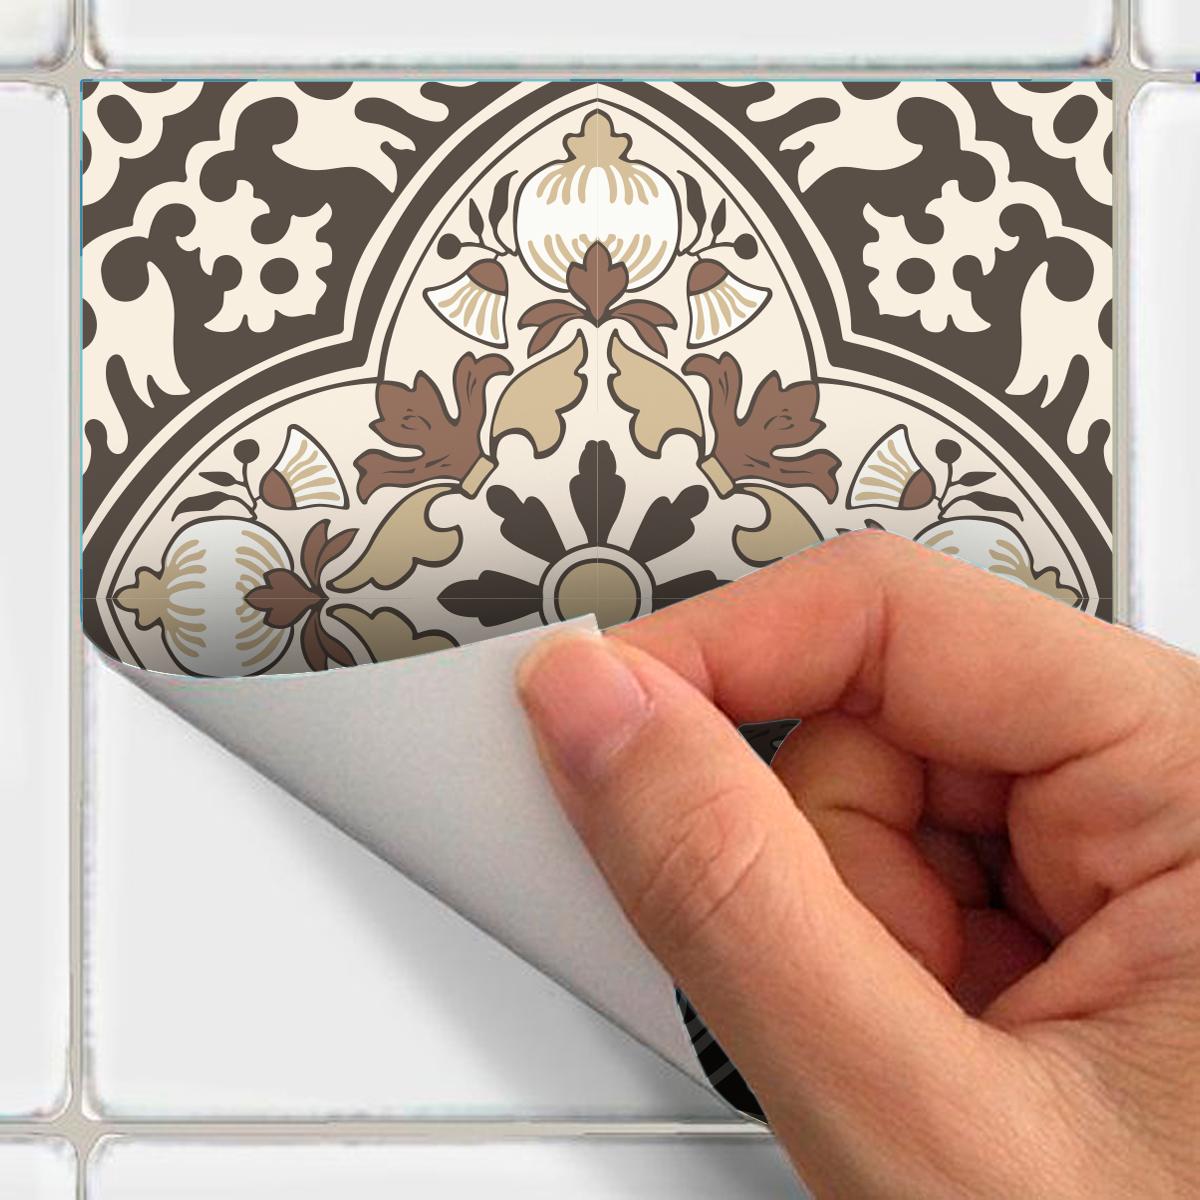 9 stickers carreaux de ciment anc ne salle de bain et wc salle de bain ambiance sticker. Black Bedroom Furniture Sets. Home Design Ideas